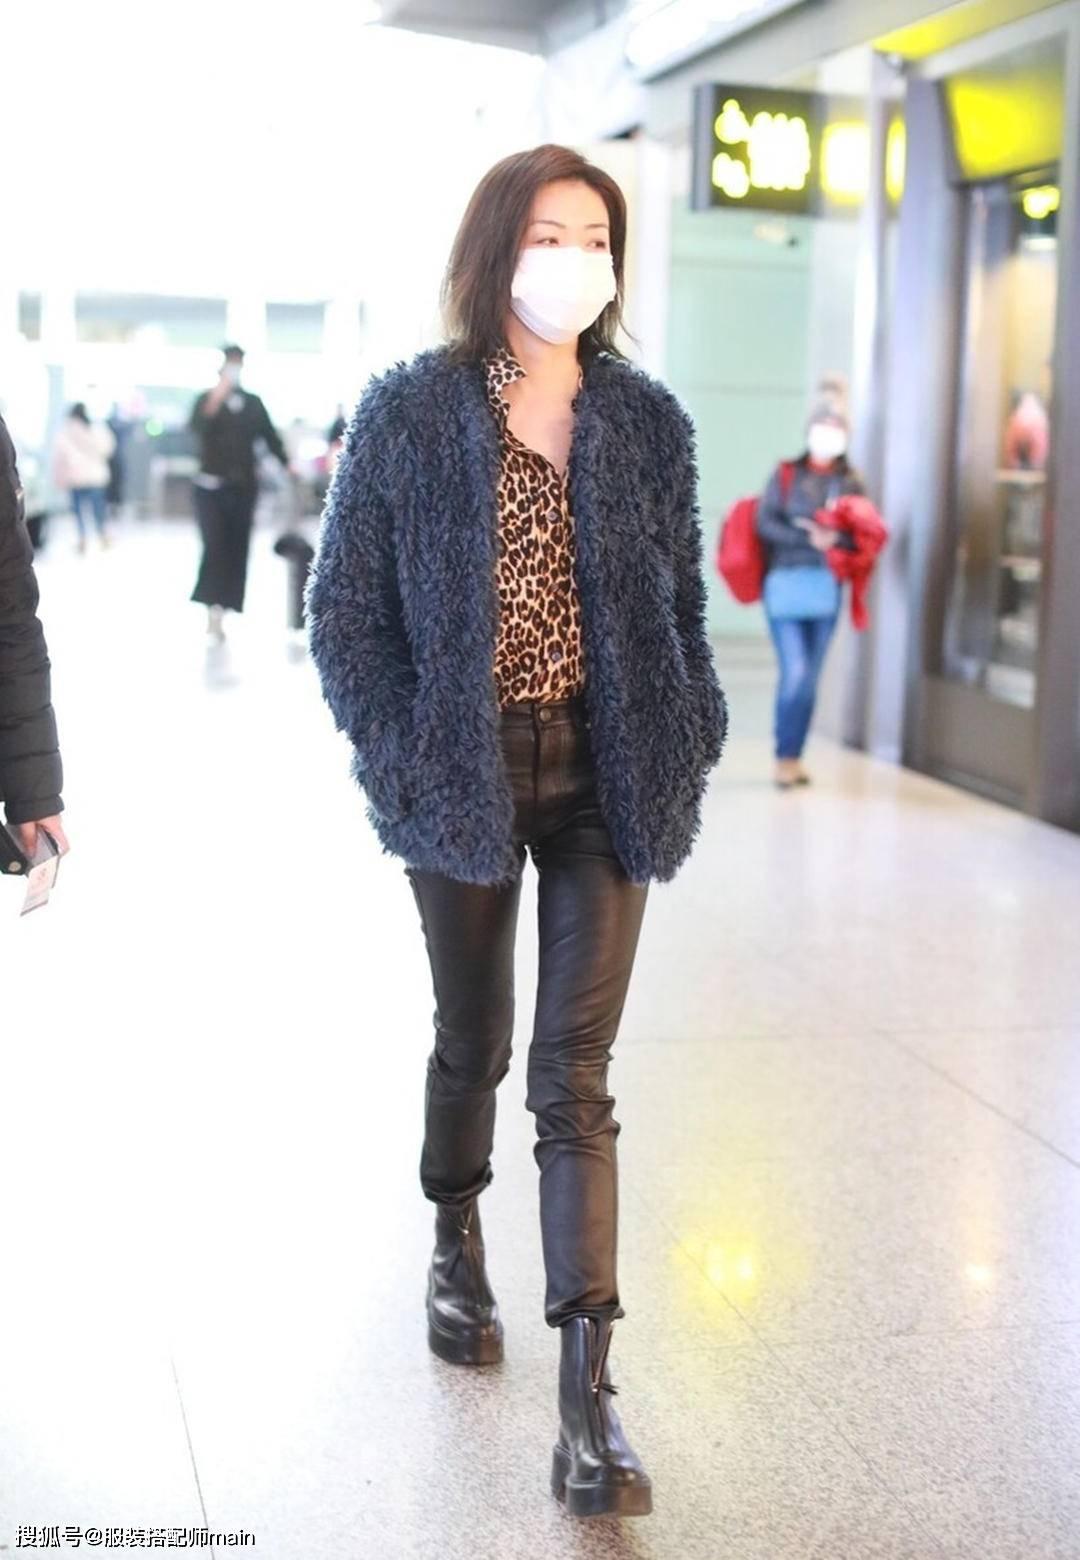 原创             万茜是有多瘦?一条谁穿谁显腿粗的紧身皮裤,她却穿不满全是褶皱